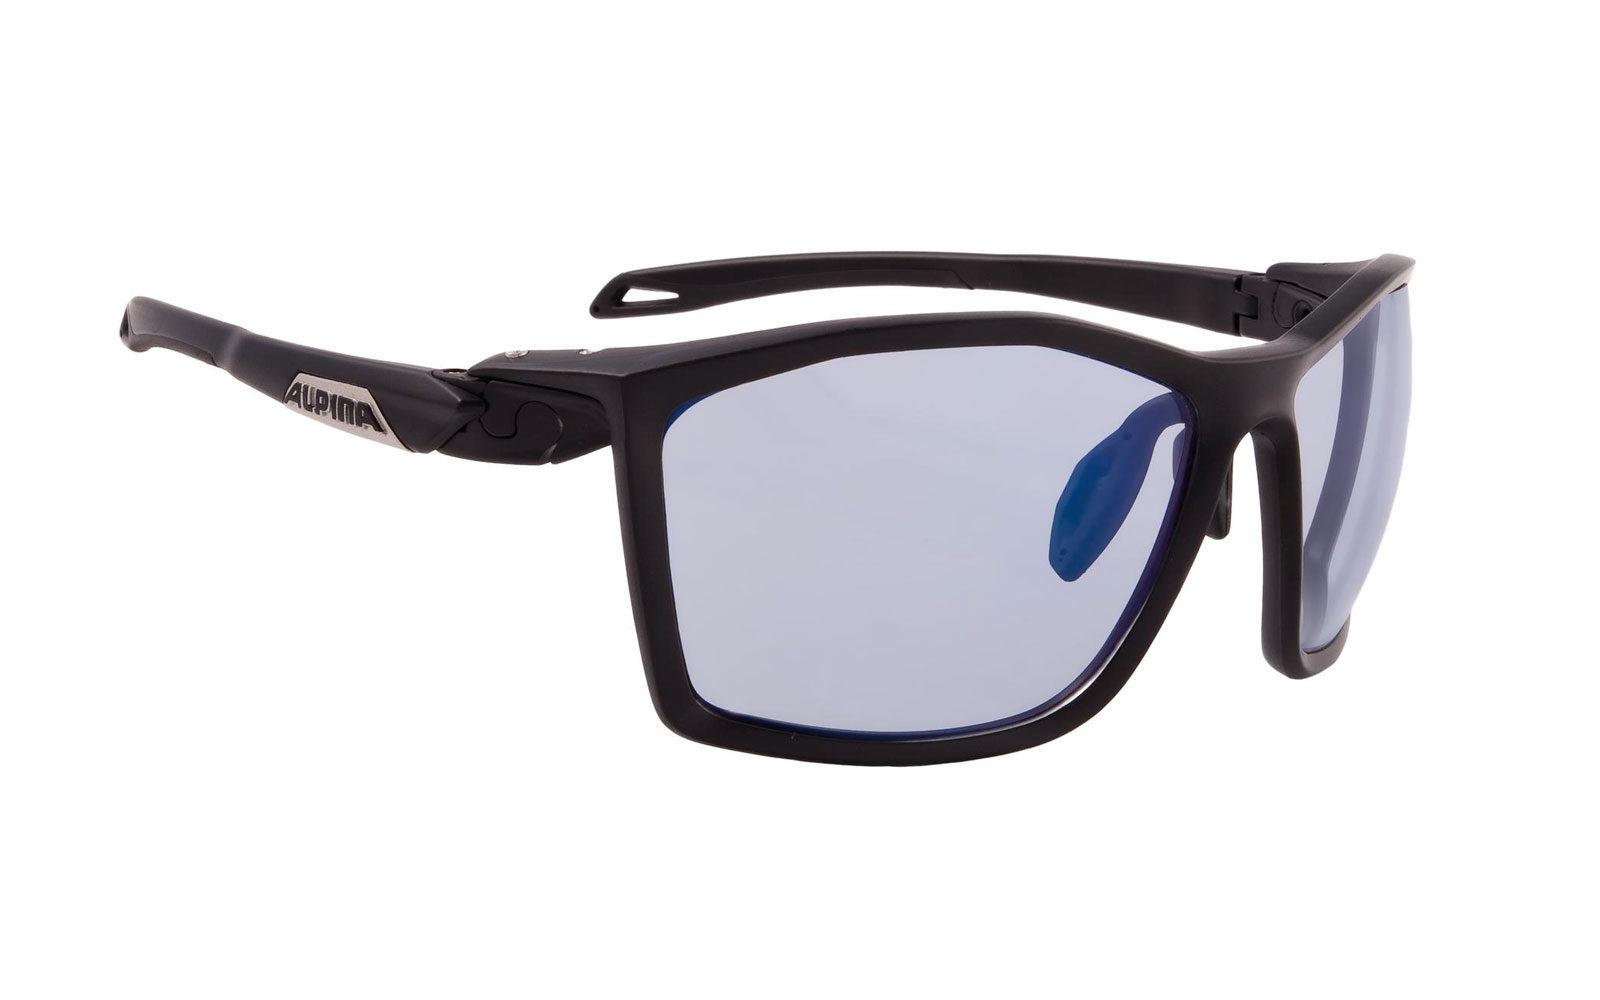 Alpina Twist Five VLM+, occhiale perfetto per la MTB, montatura con inclinazione regolabile, naselli regolabili, lenti che si adattano automaticamente alle variazioni di luce, euro 129